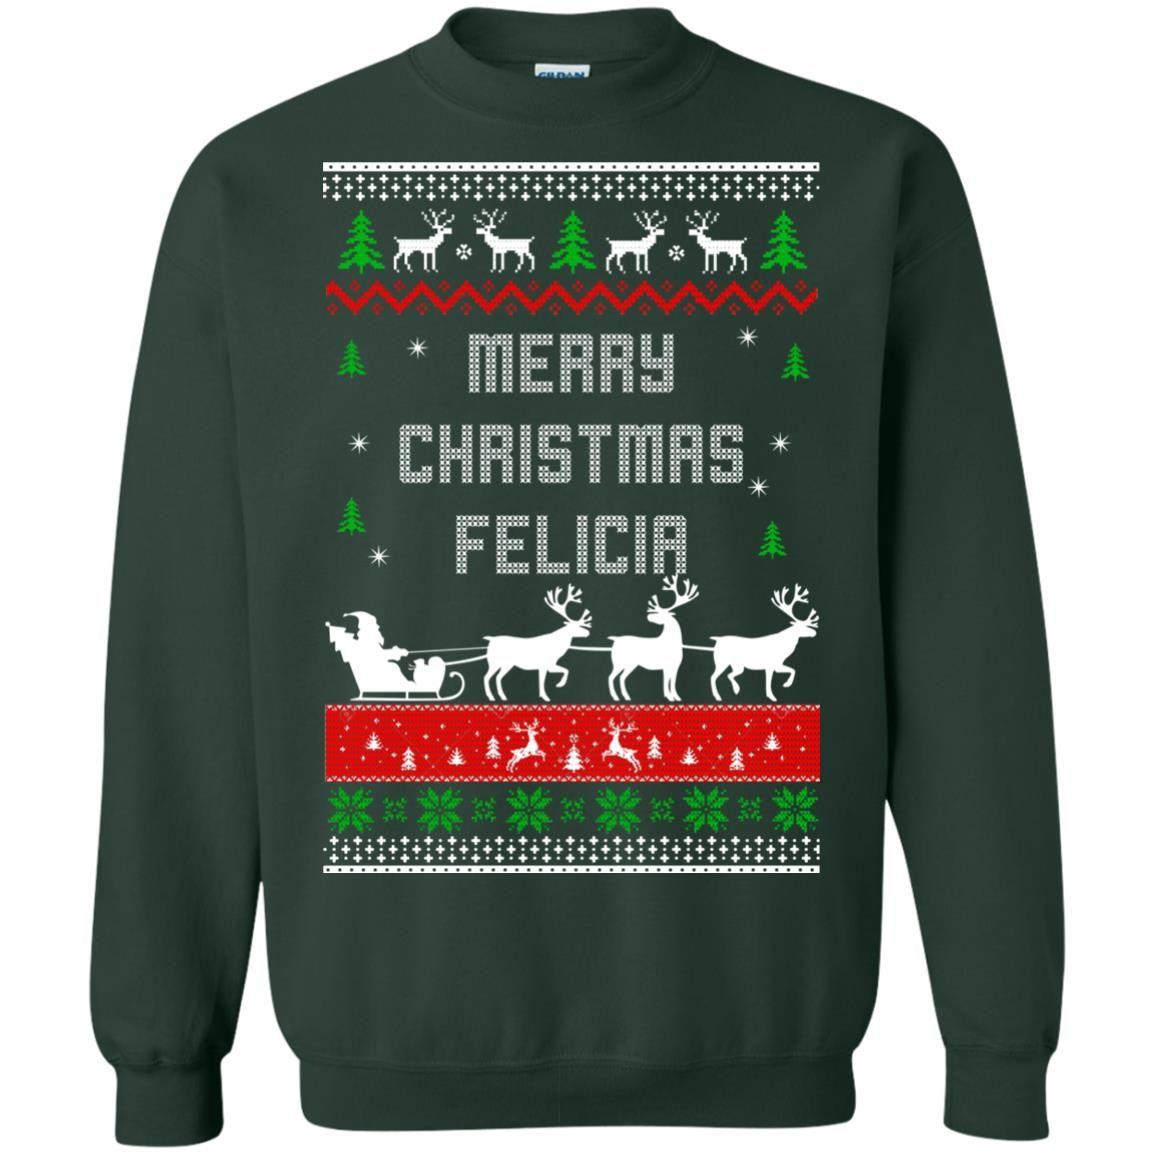 image 1678 - Raxo Merry Christmas Felicia ugly sweater, hoodie